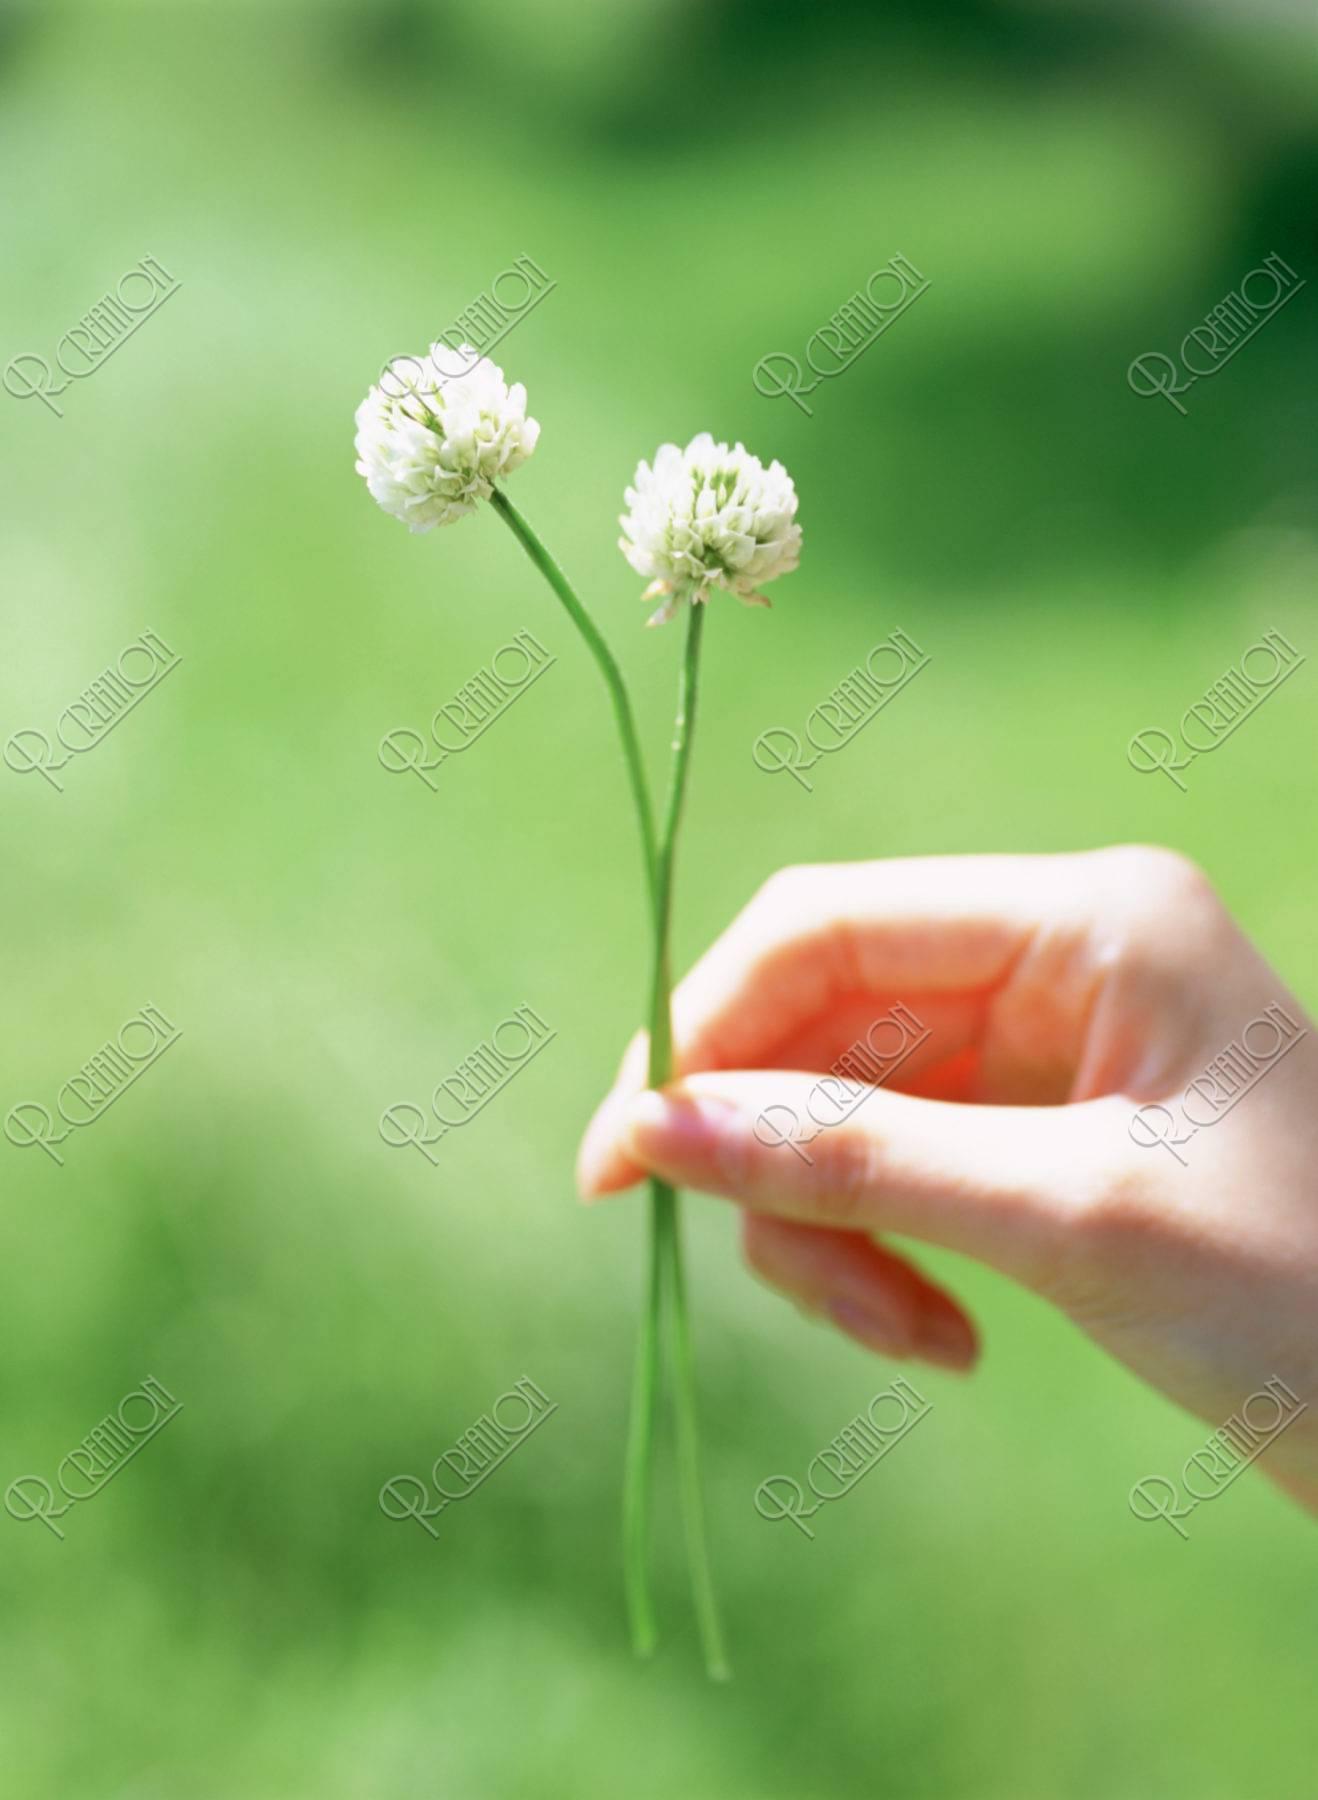 クローバーの花を持つ女性の手